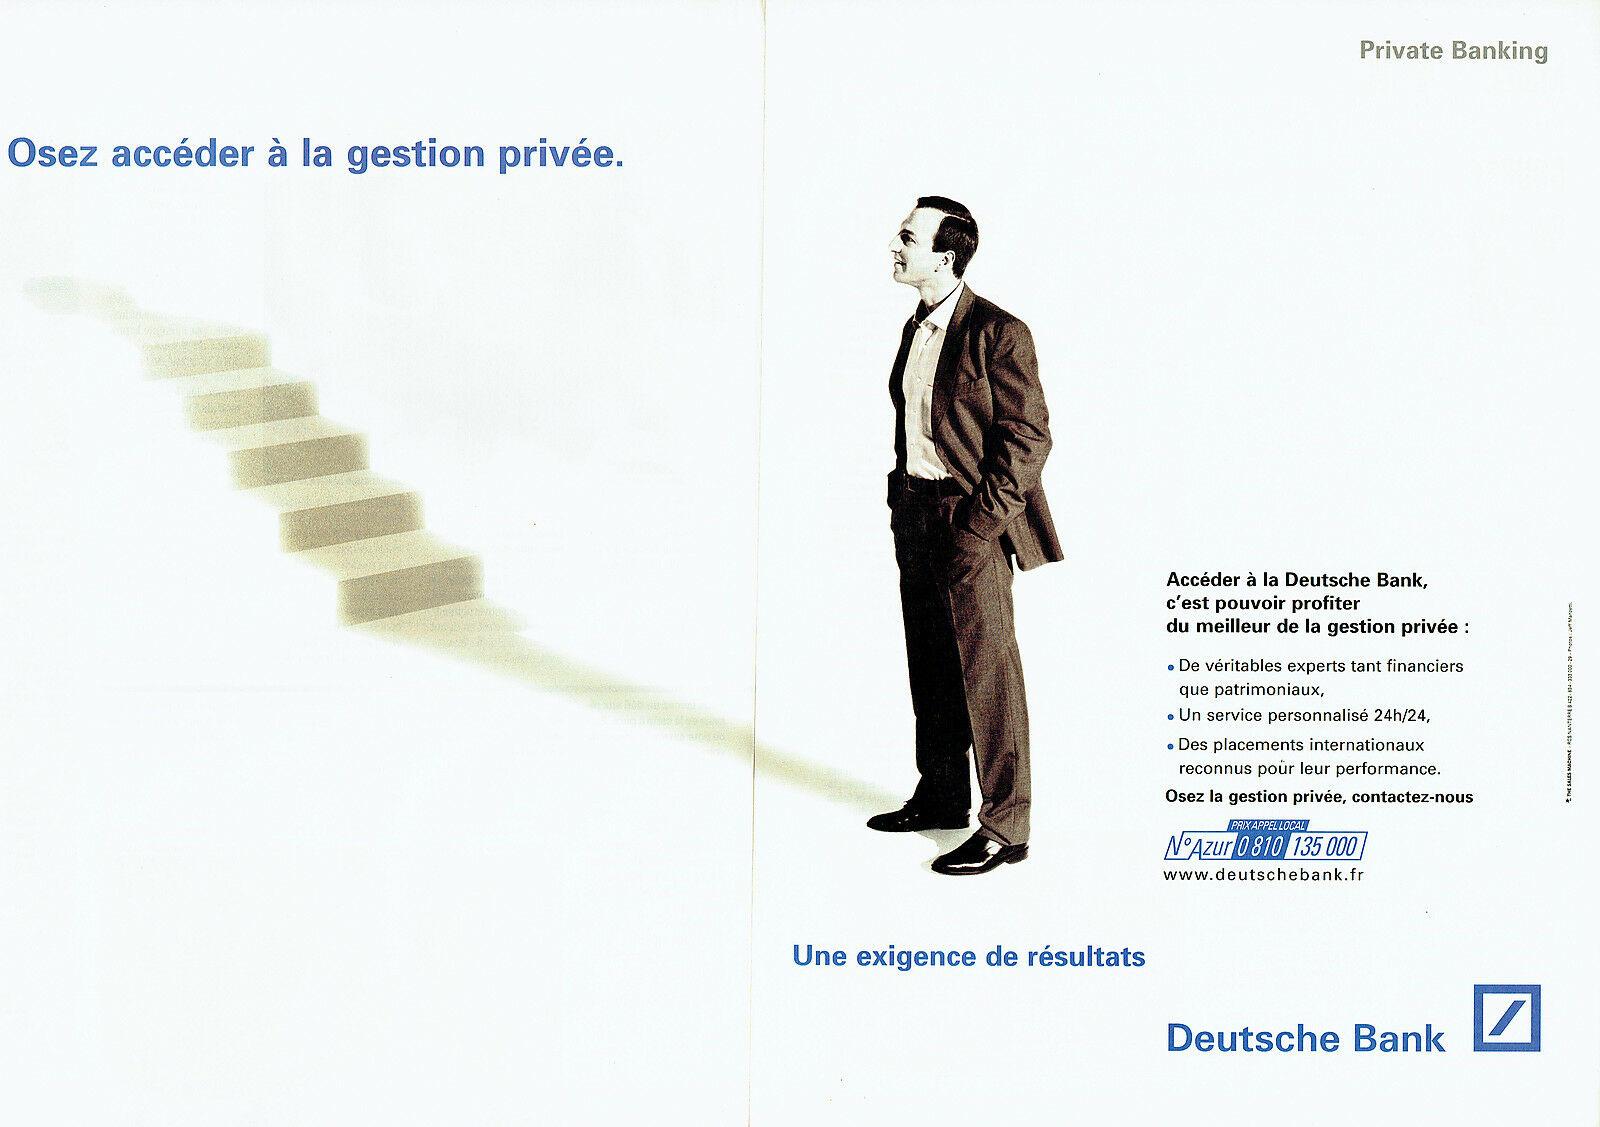 2000 la Deutsche Bank